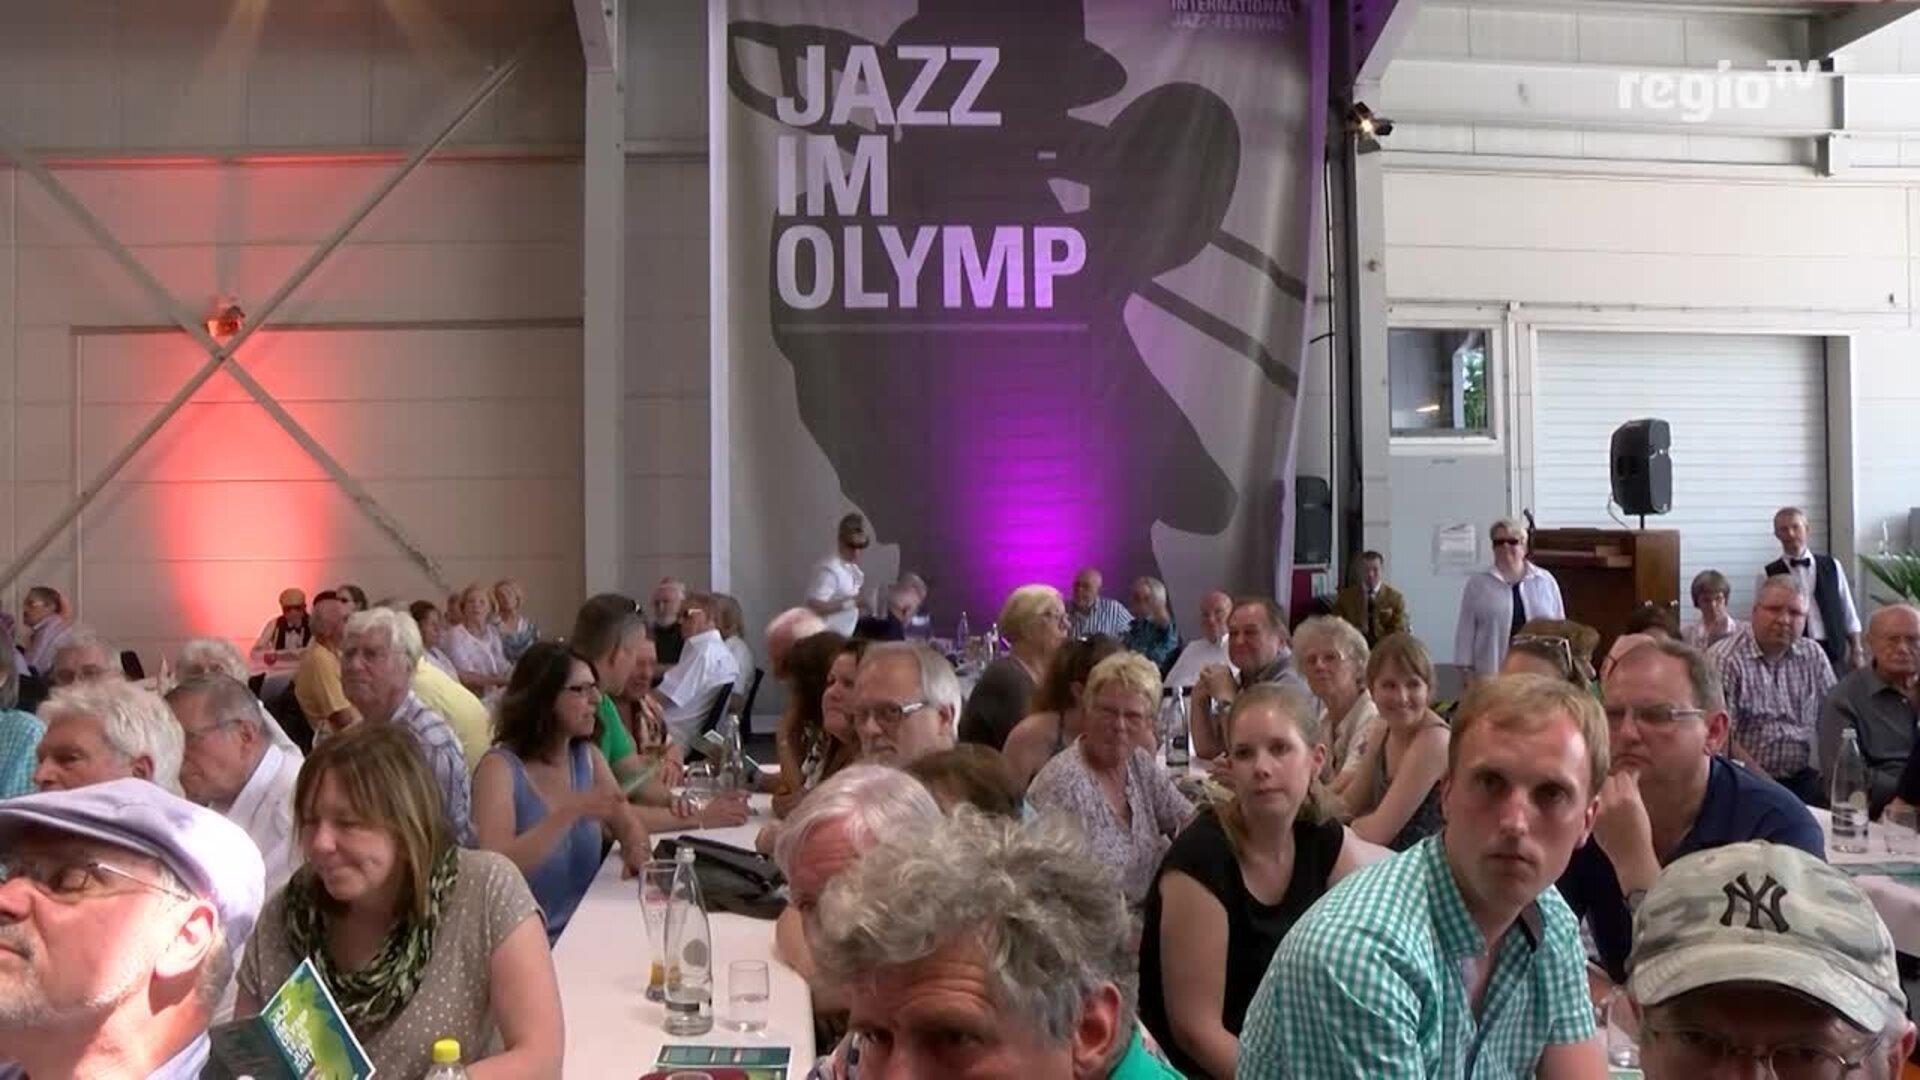 Jazz im olymp 2019